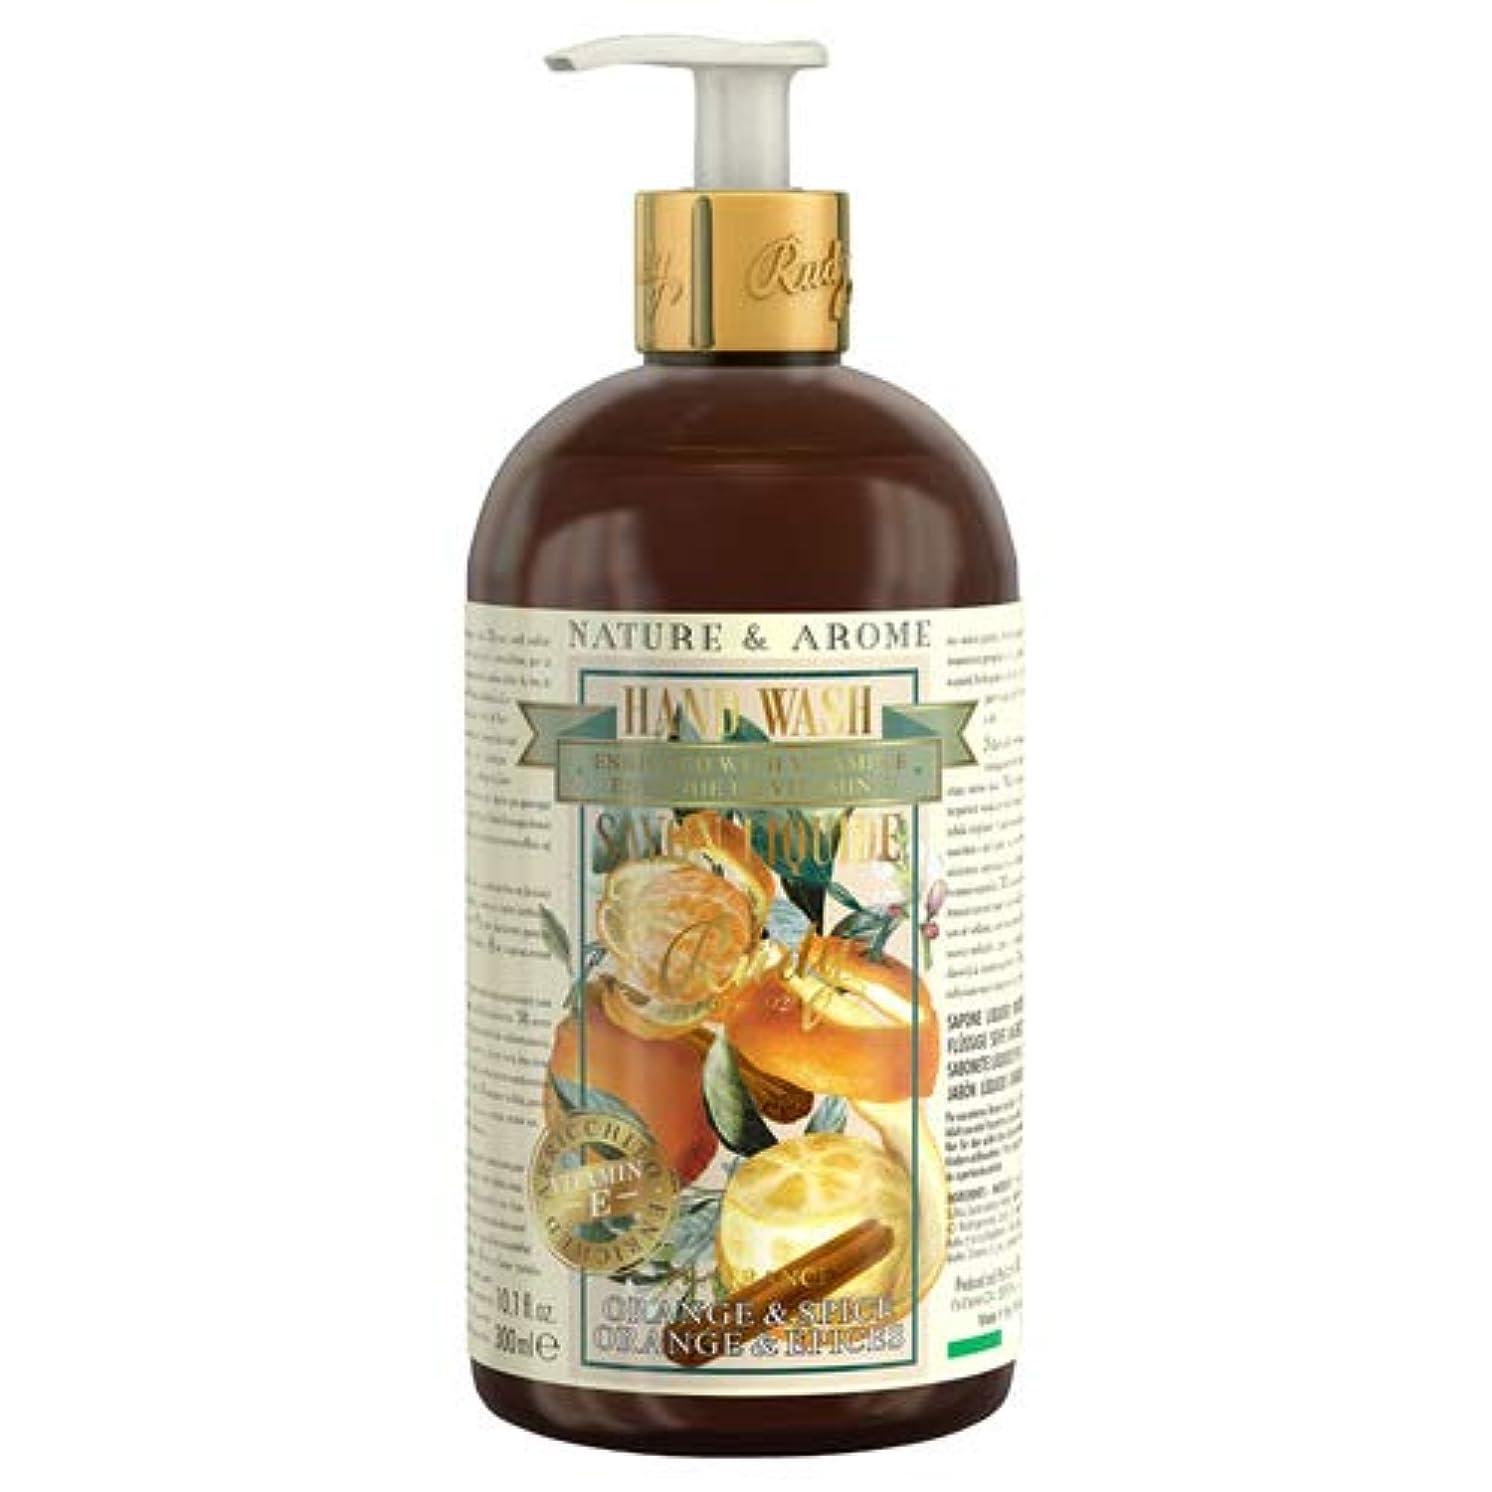 カーテン紳士日食RUDY Nature&Arome Apothecary ネイチャーアロマ アポセカリー Hand Wash ハンドウォッシュ(ボディソープ) Orange & Spice オレンジ&スパイス